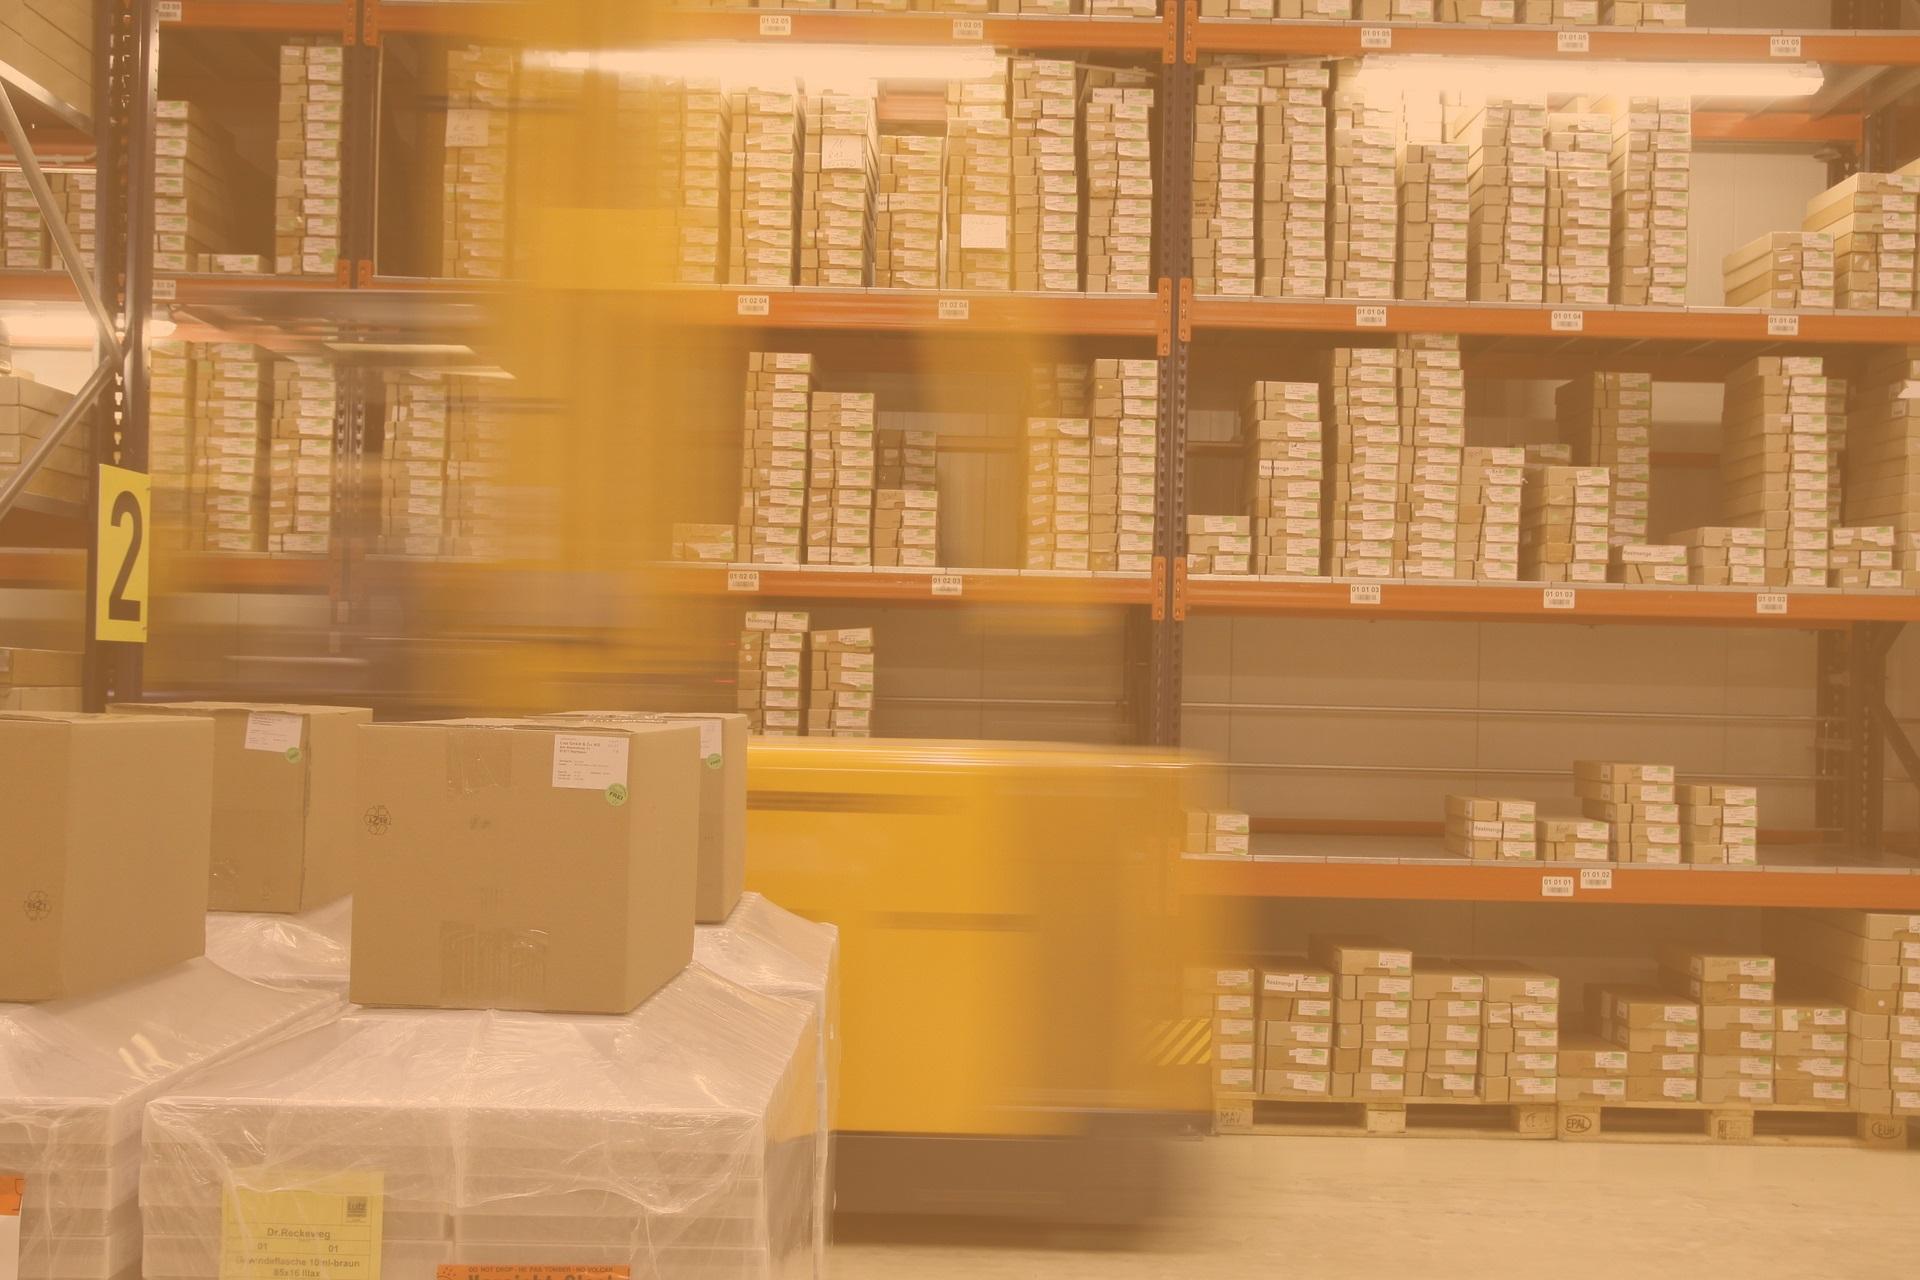 soluzioni-erp-aziende-distribuzione